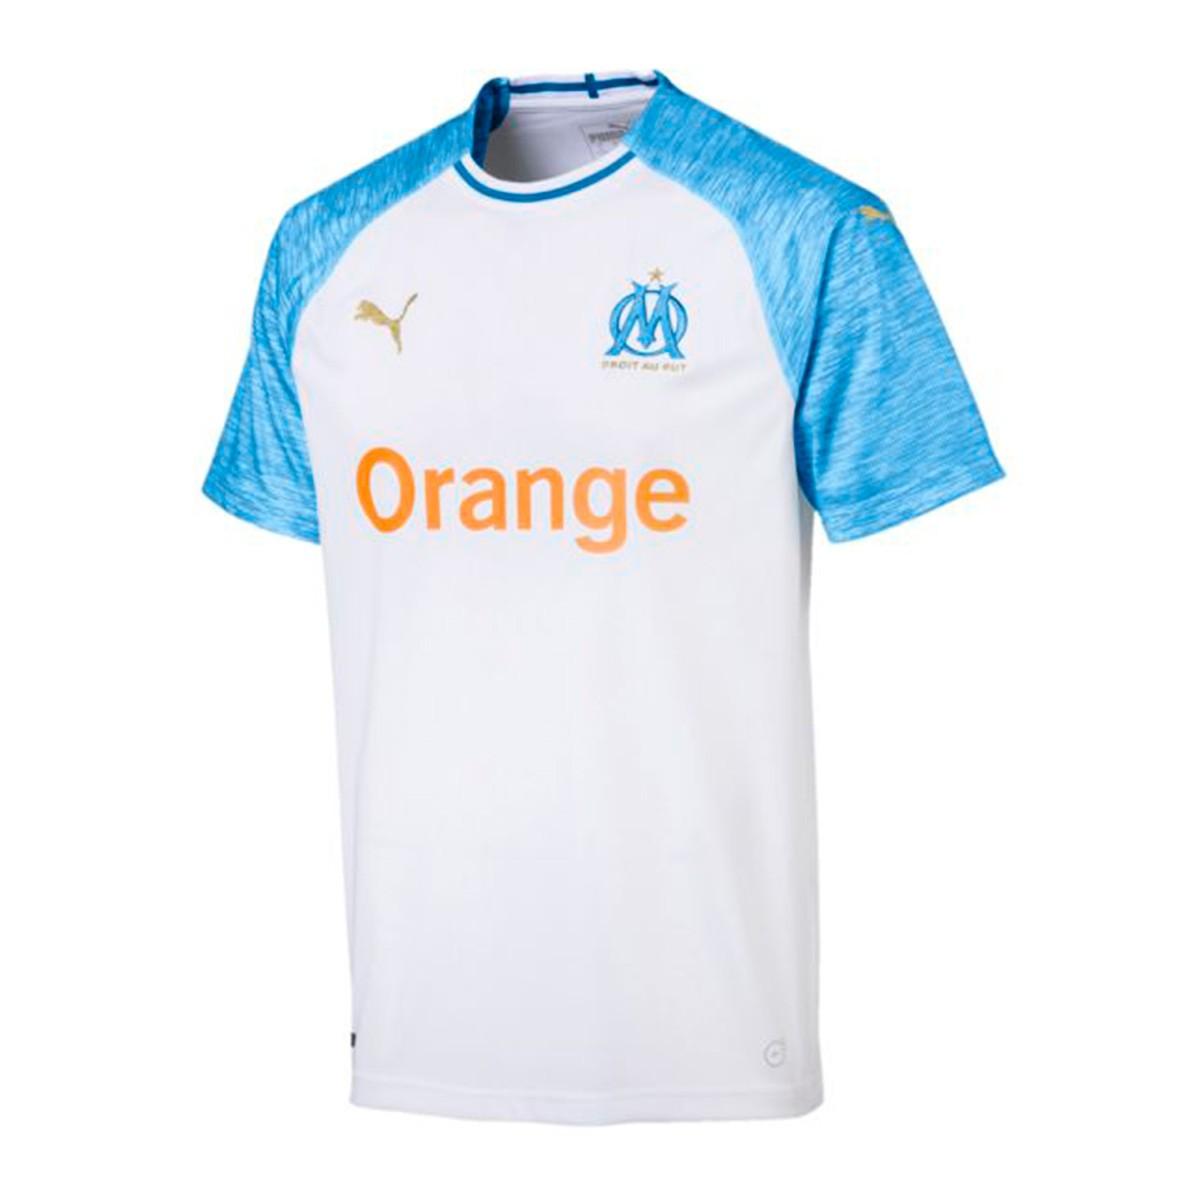 b5af74c12 Camiseta Puma Olympique de Marsella Primera Equipación 2018-2019 Puma  white-Bleu azur - Tienda de fútbol Fútbol Emotion